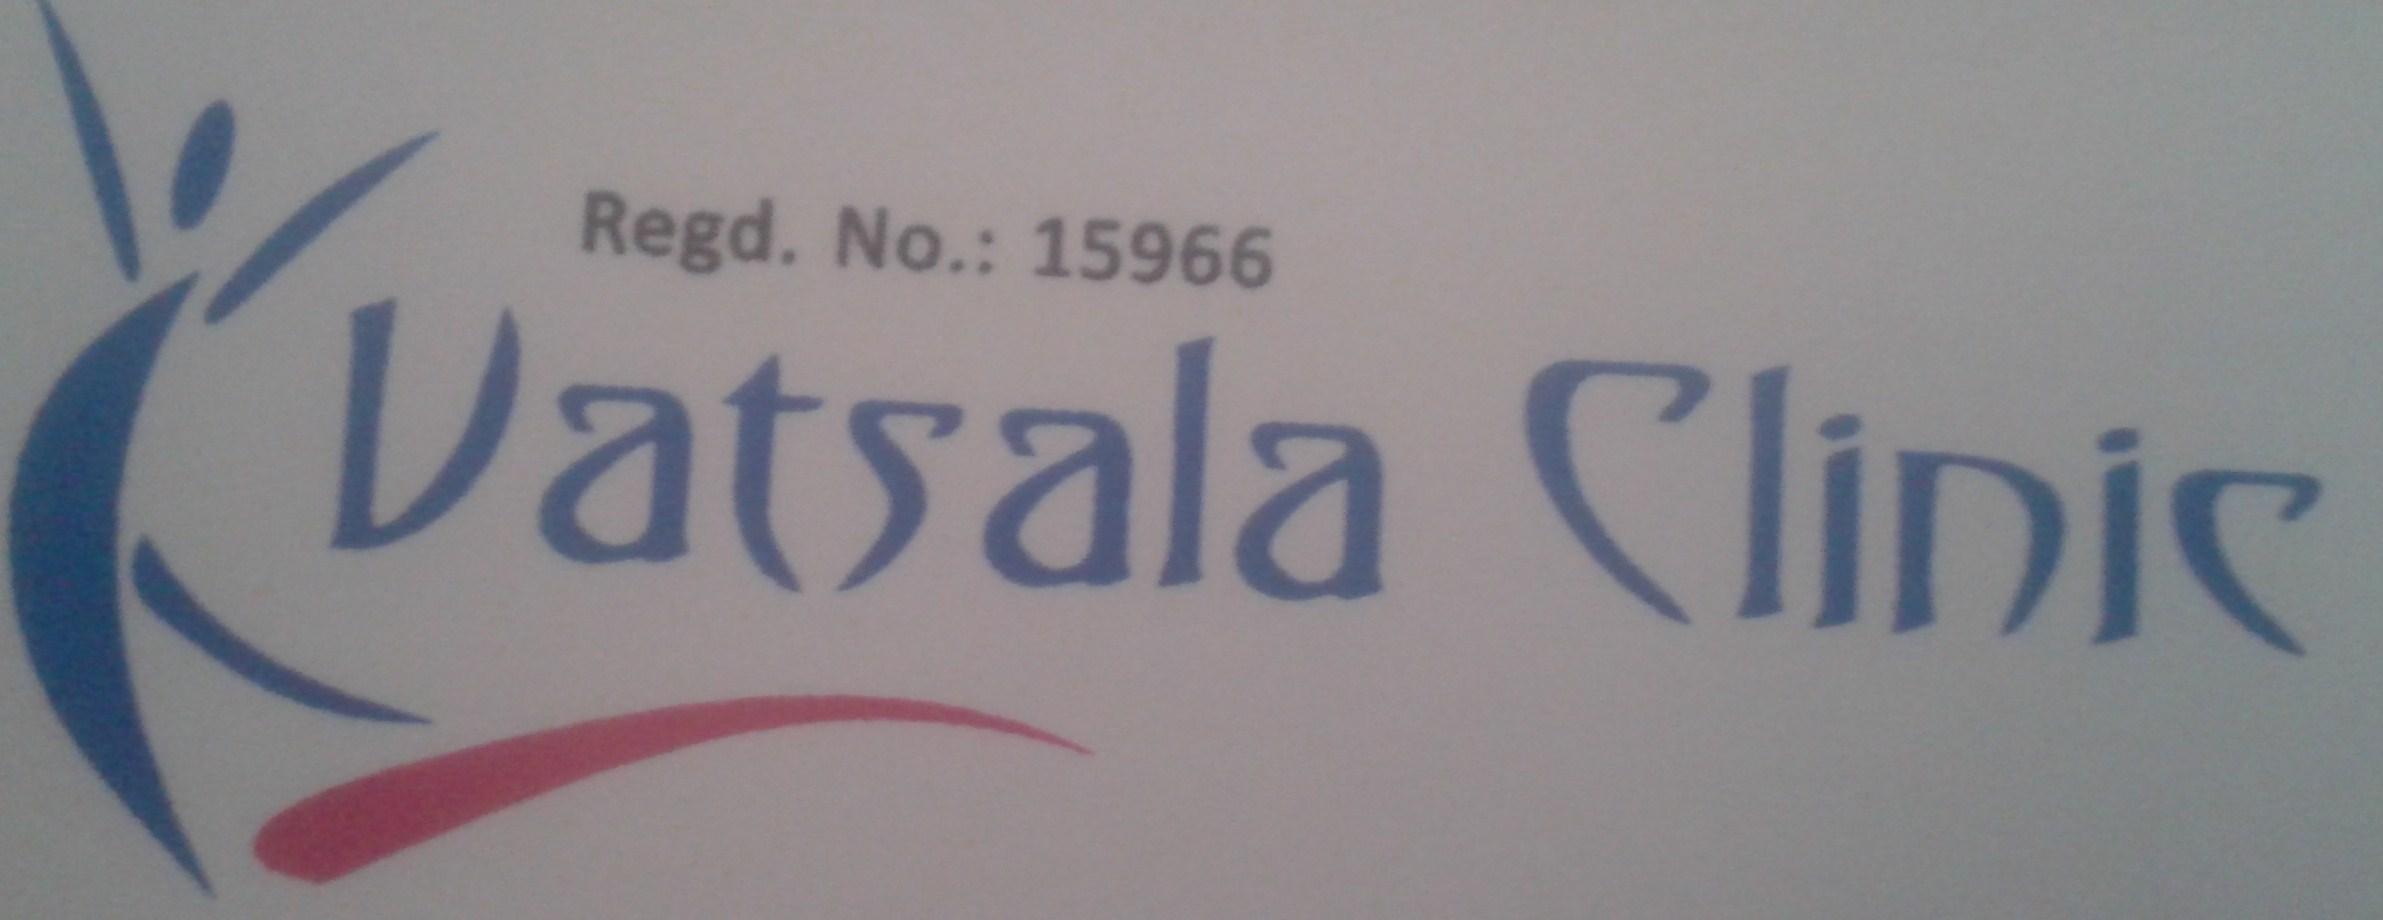 Vatsala Clinic